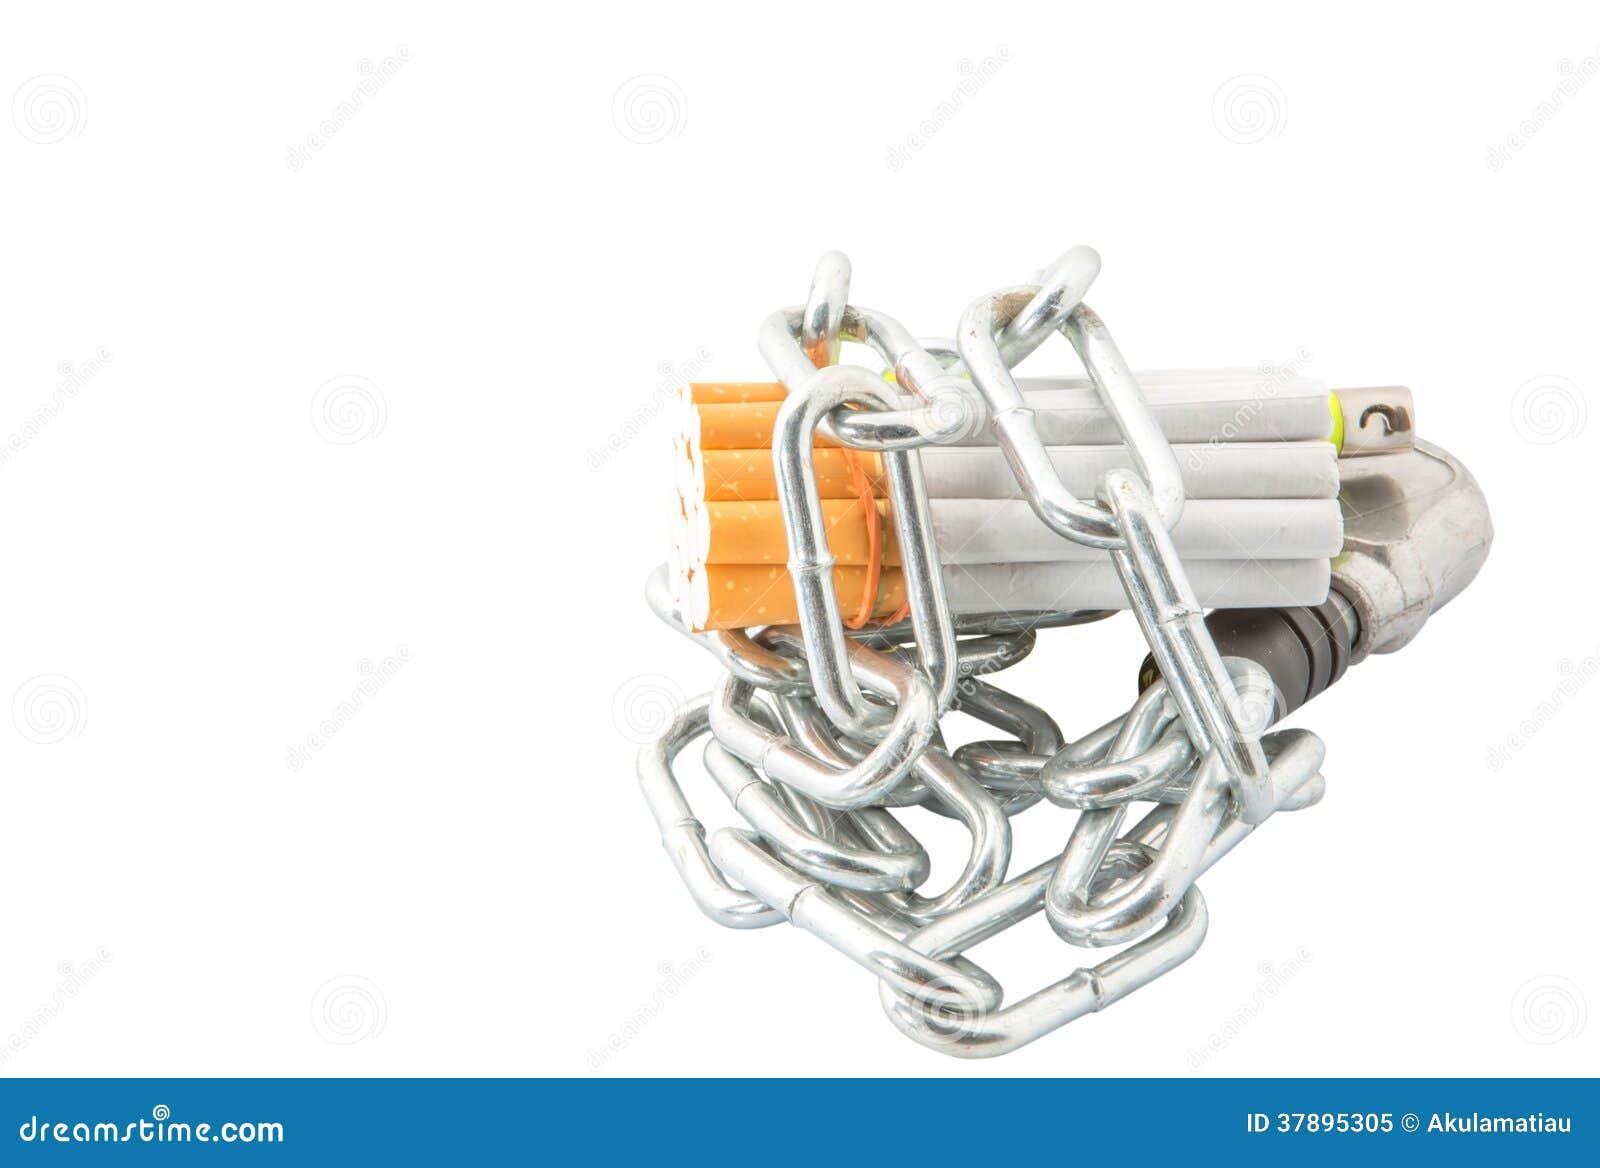 Сигарета, лихтер и цепи v